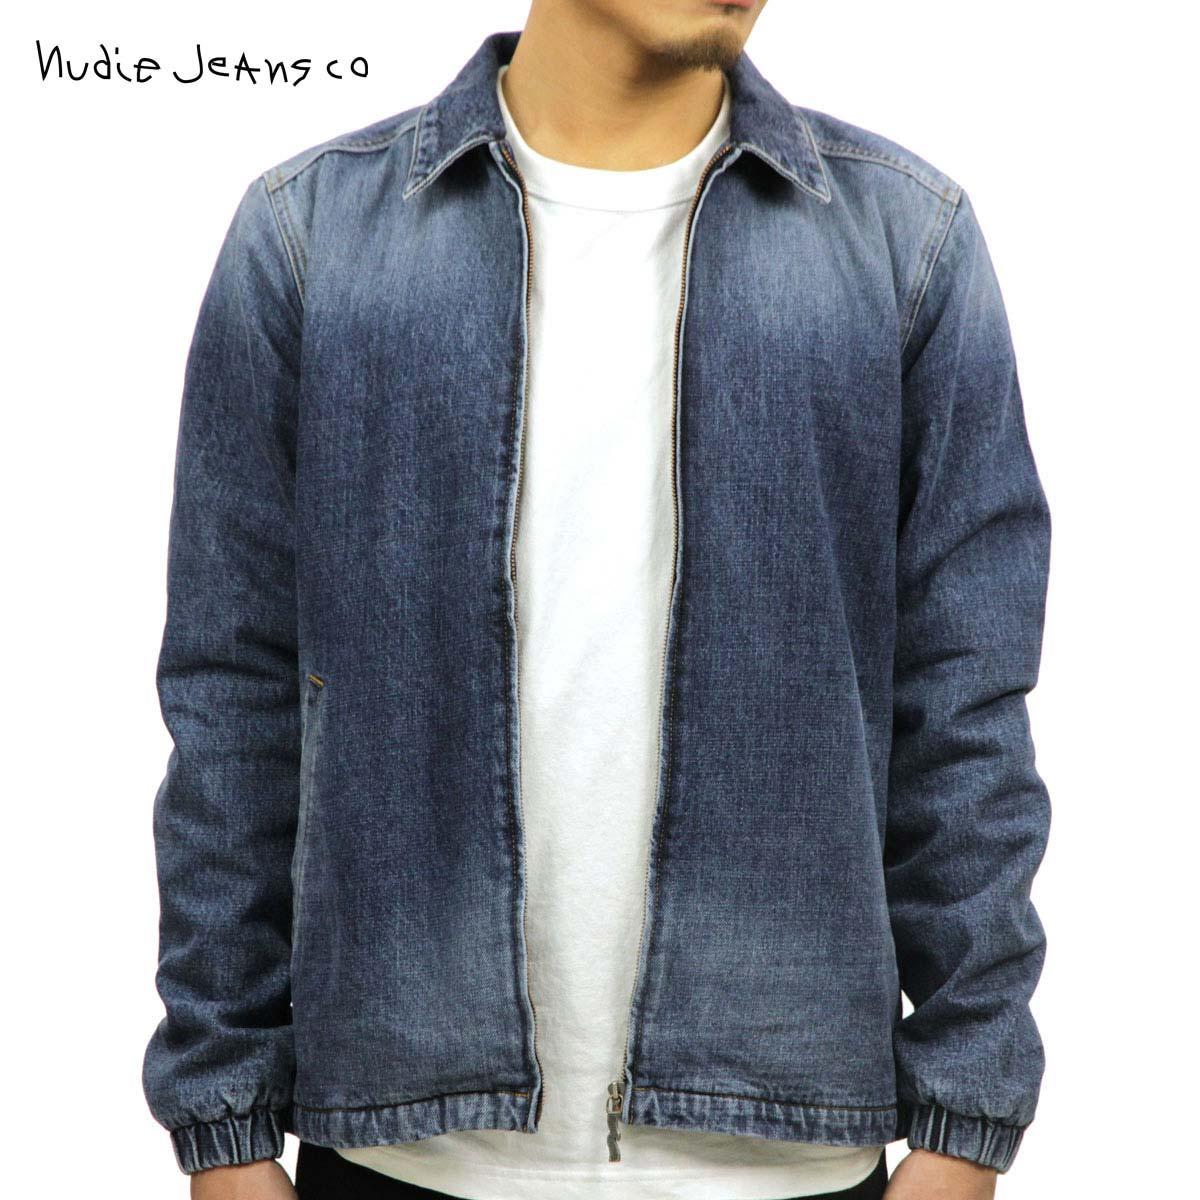 ヌーディージーンズ Nudie Jeans 正規販売店 メンズ アウター デニムジャケット TORKEL VINTAGE BLUE DENIM JACKET 160570 B26 DENIM